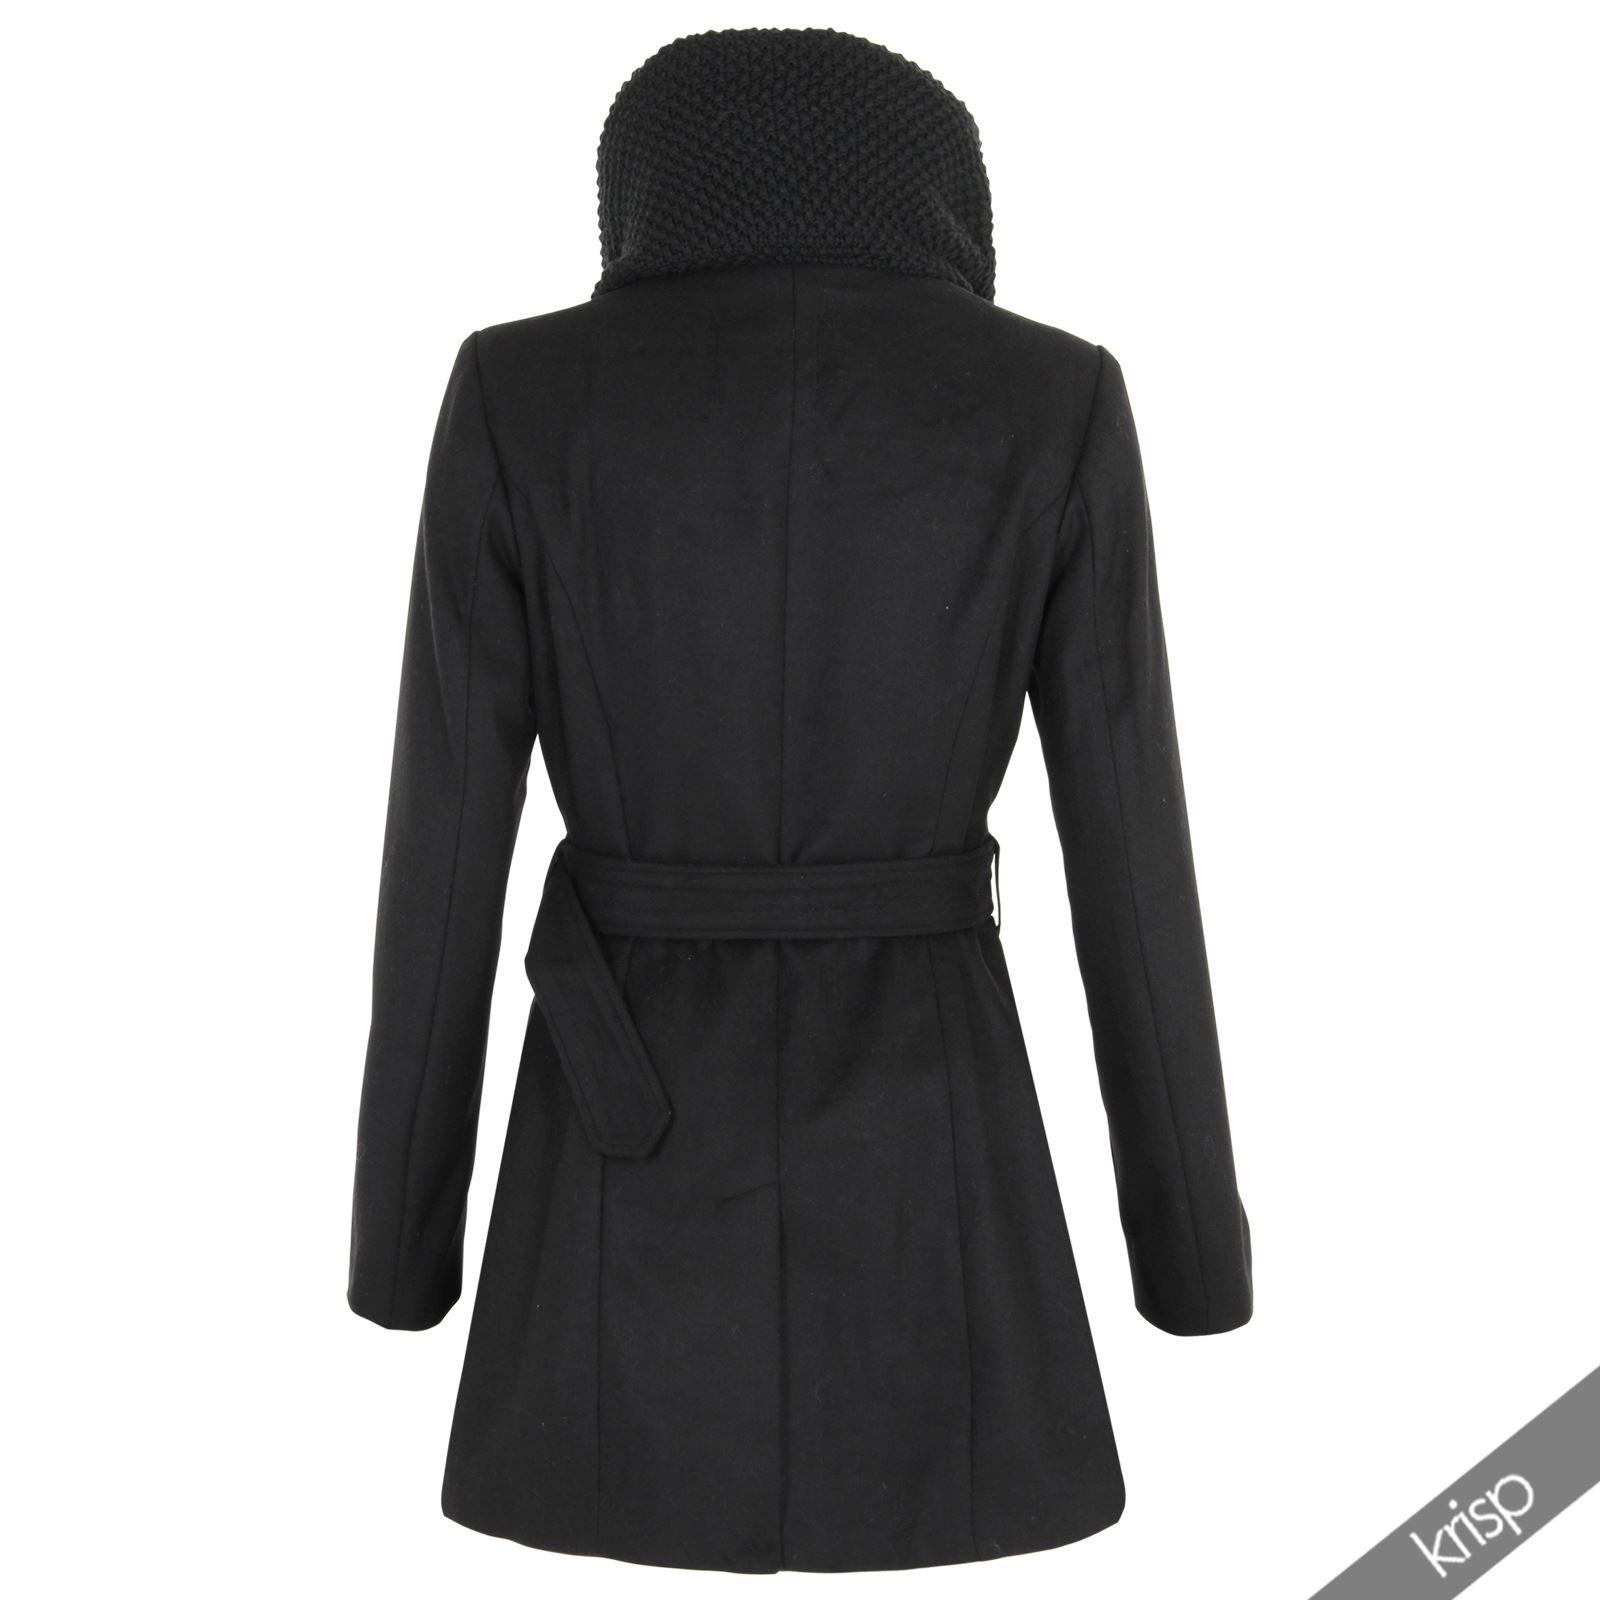 krisp damen winter mantel mit schalkragen wollmantel zweireiher elegante jacke ebay. Black Bedroom Furniture Sets. Home Design Ideas